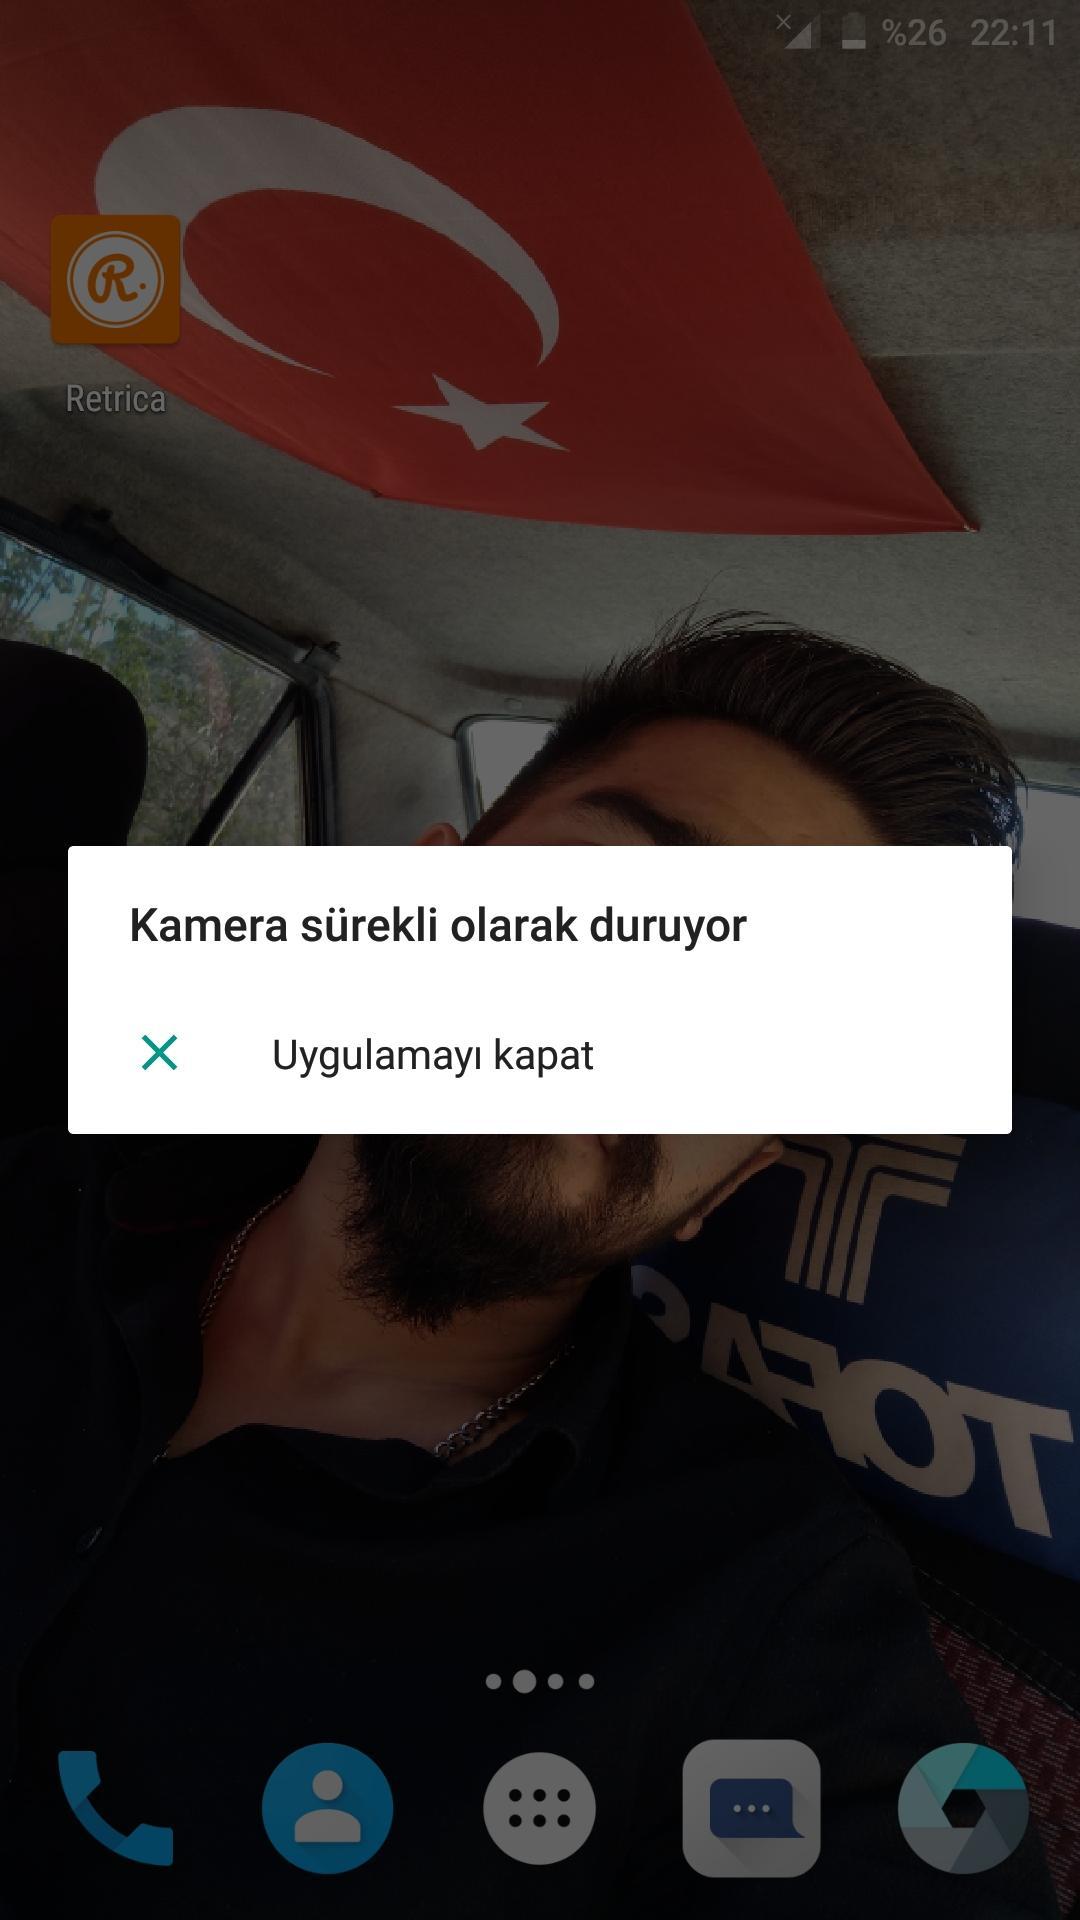 Turkcell Cep Telefonu T80 Şikayetleri - Şikayetvar